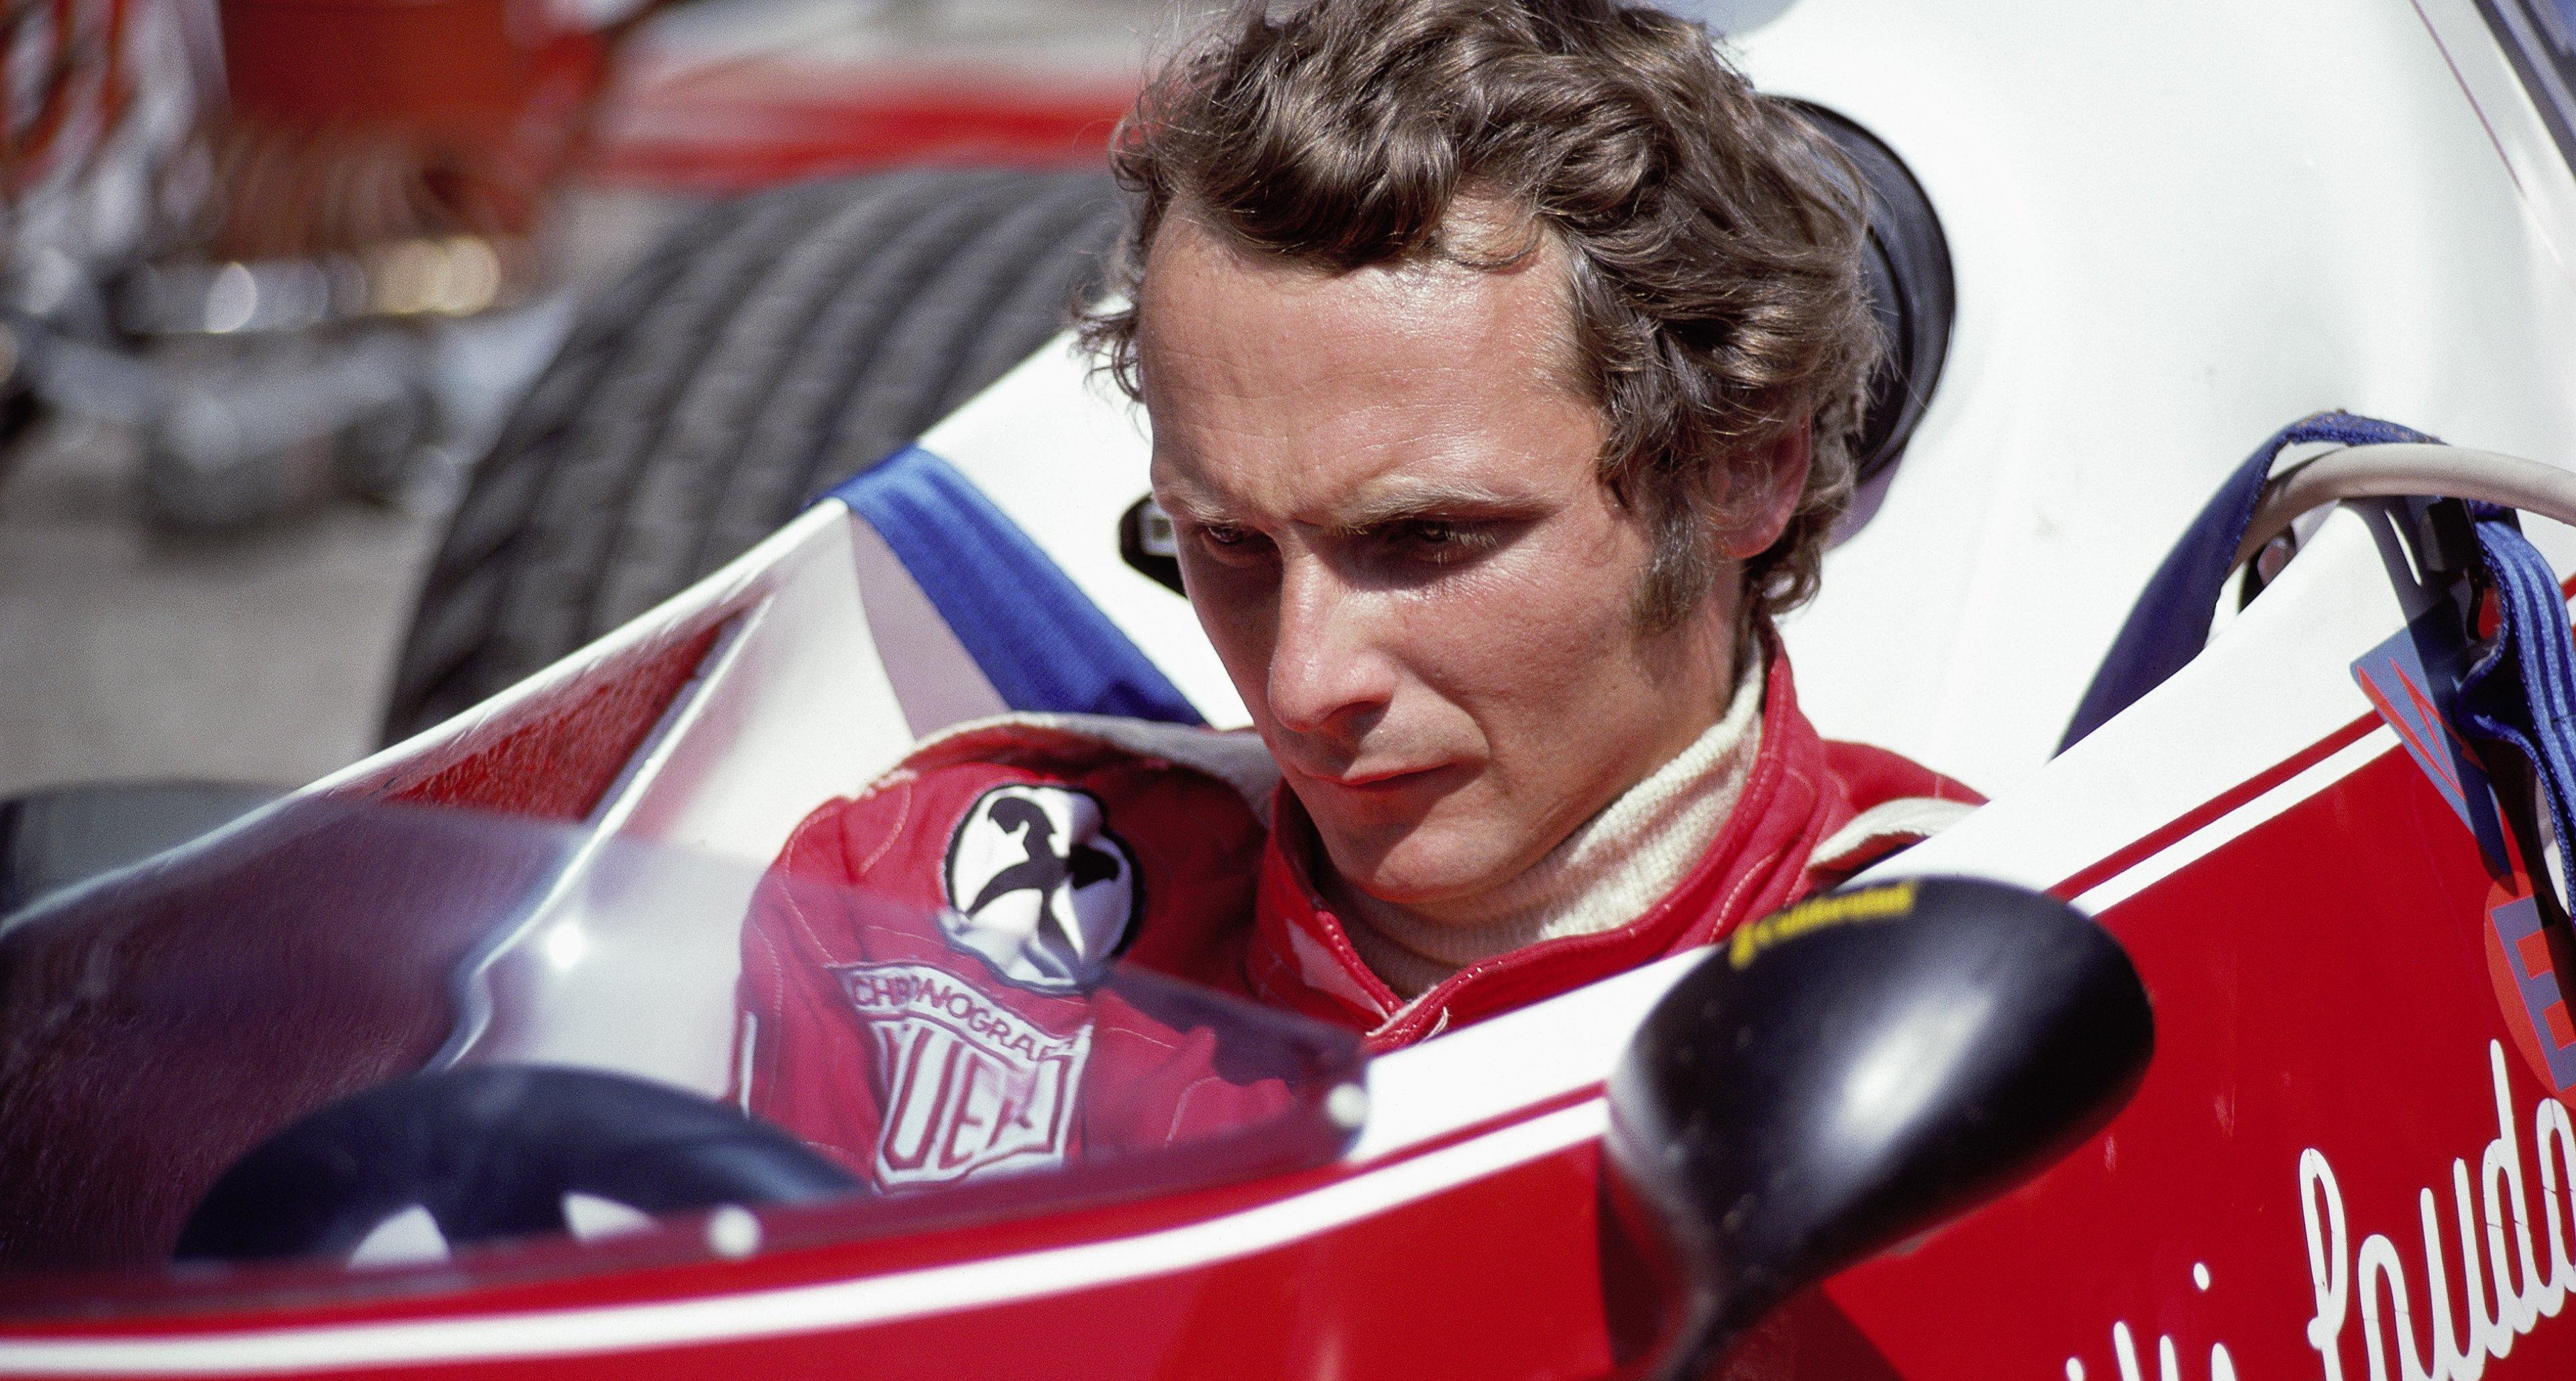 Niki Lauda in his Ferrari 312T at the 1975 German Grand Prix at the Nürburgring.